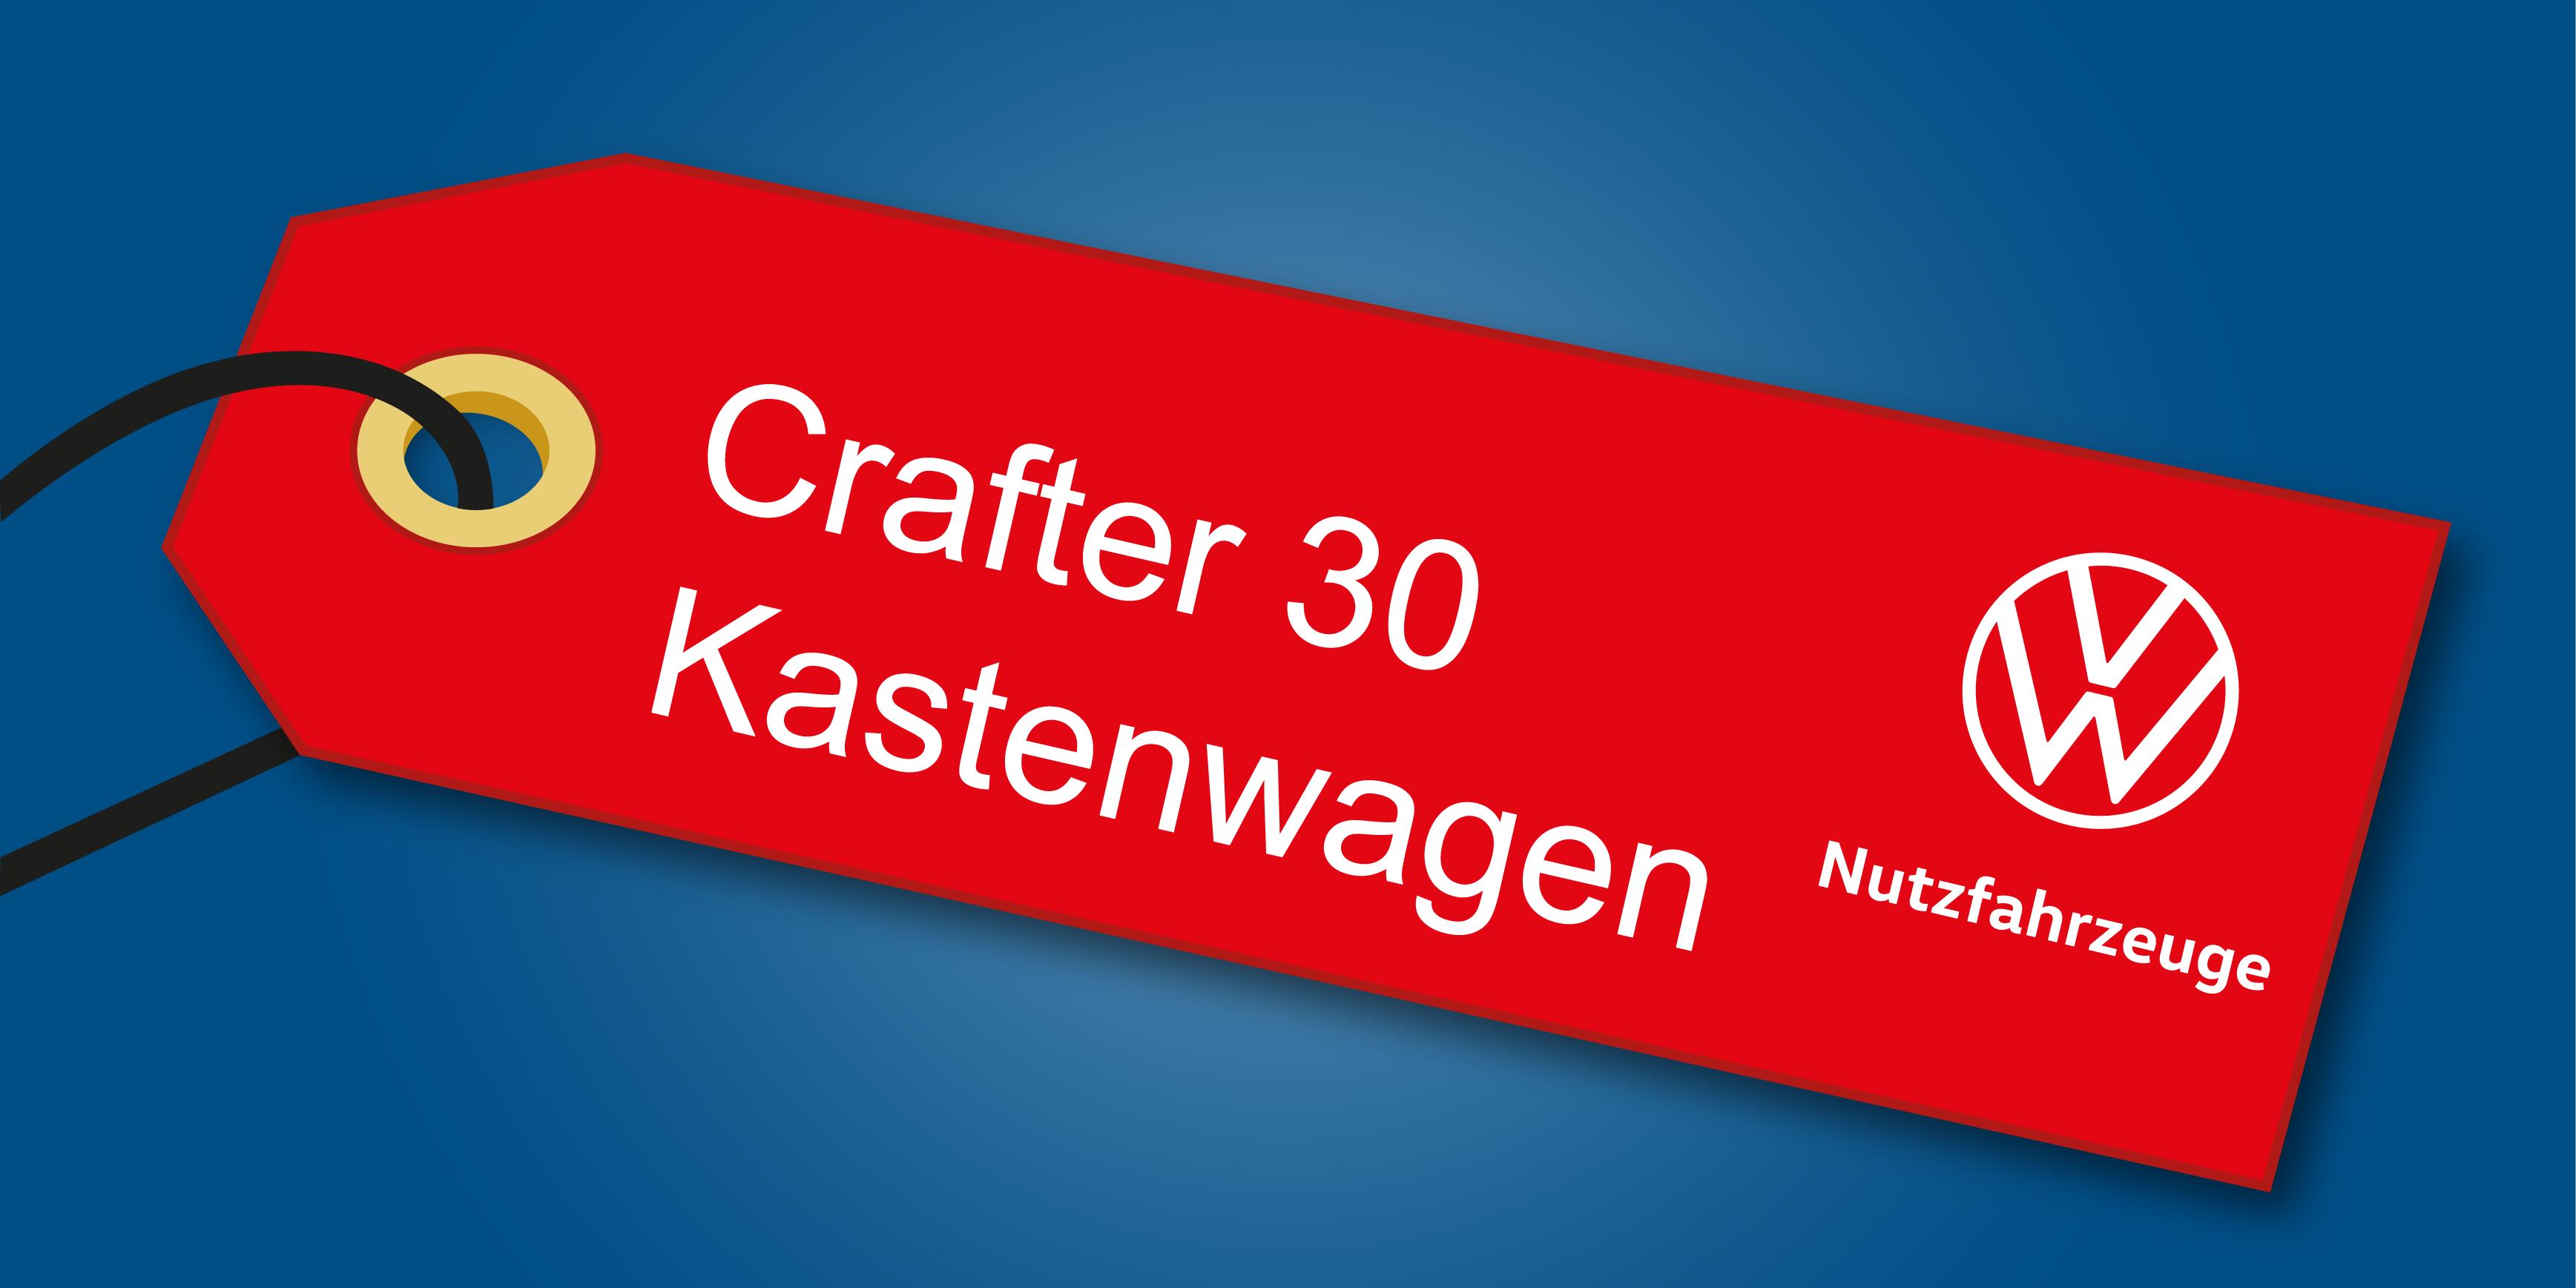 Volkswagen Nutzfahrzeuge bei Auto-Jochem GmbH - Angebot Volkswagen Crafter 30 Kastenwagen in St. Ingbert